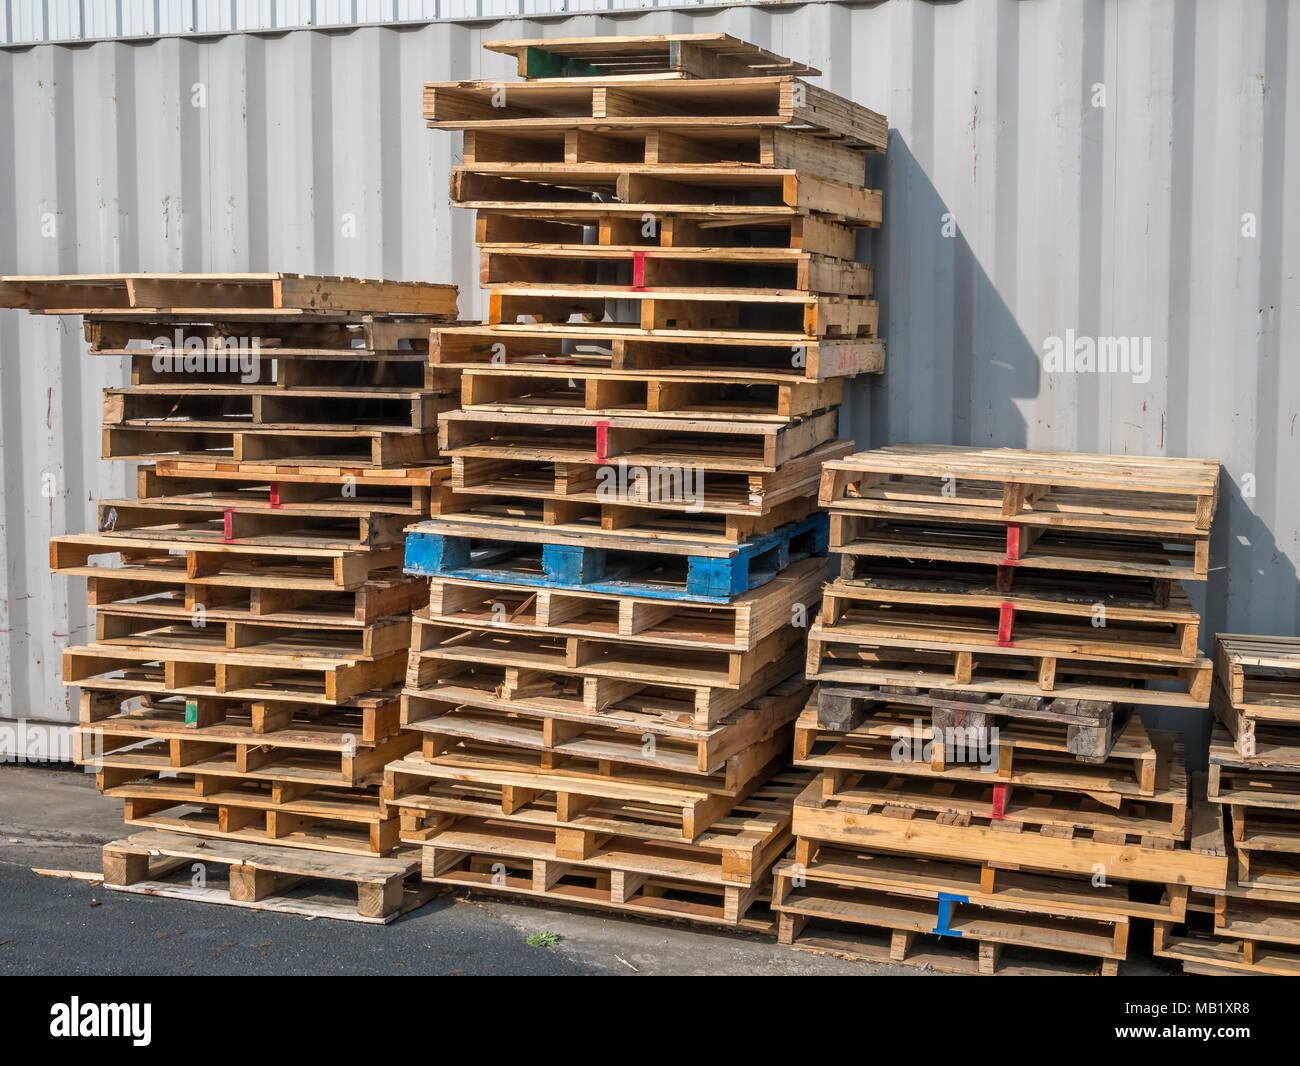 Mur Exterieur En Palette De Bois vue de face des palettes en bois empilés contre le mur